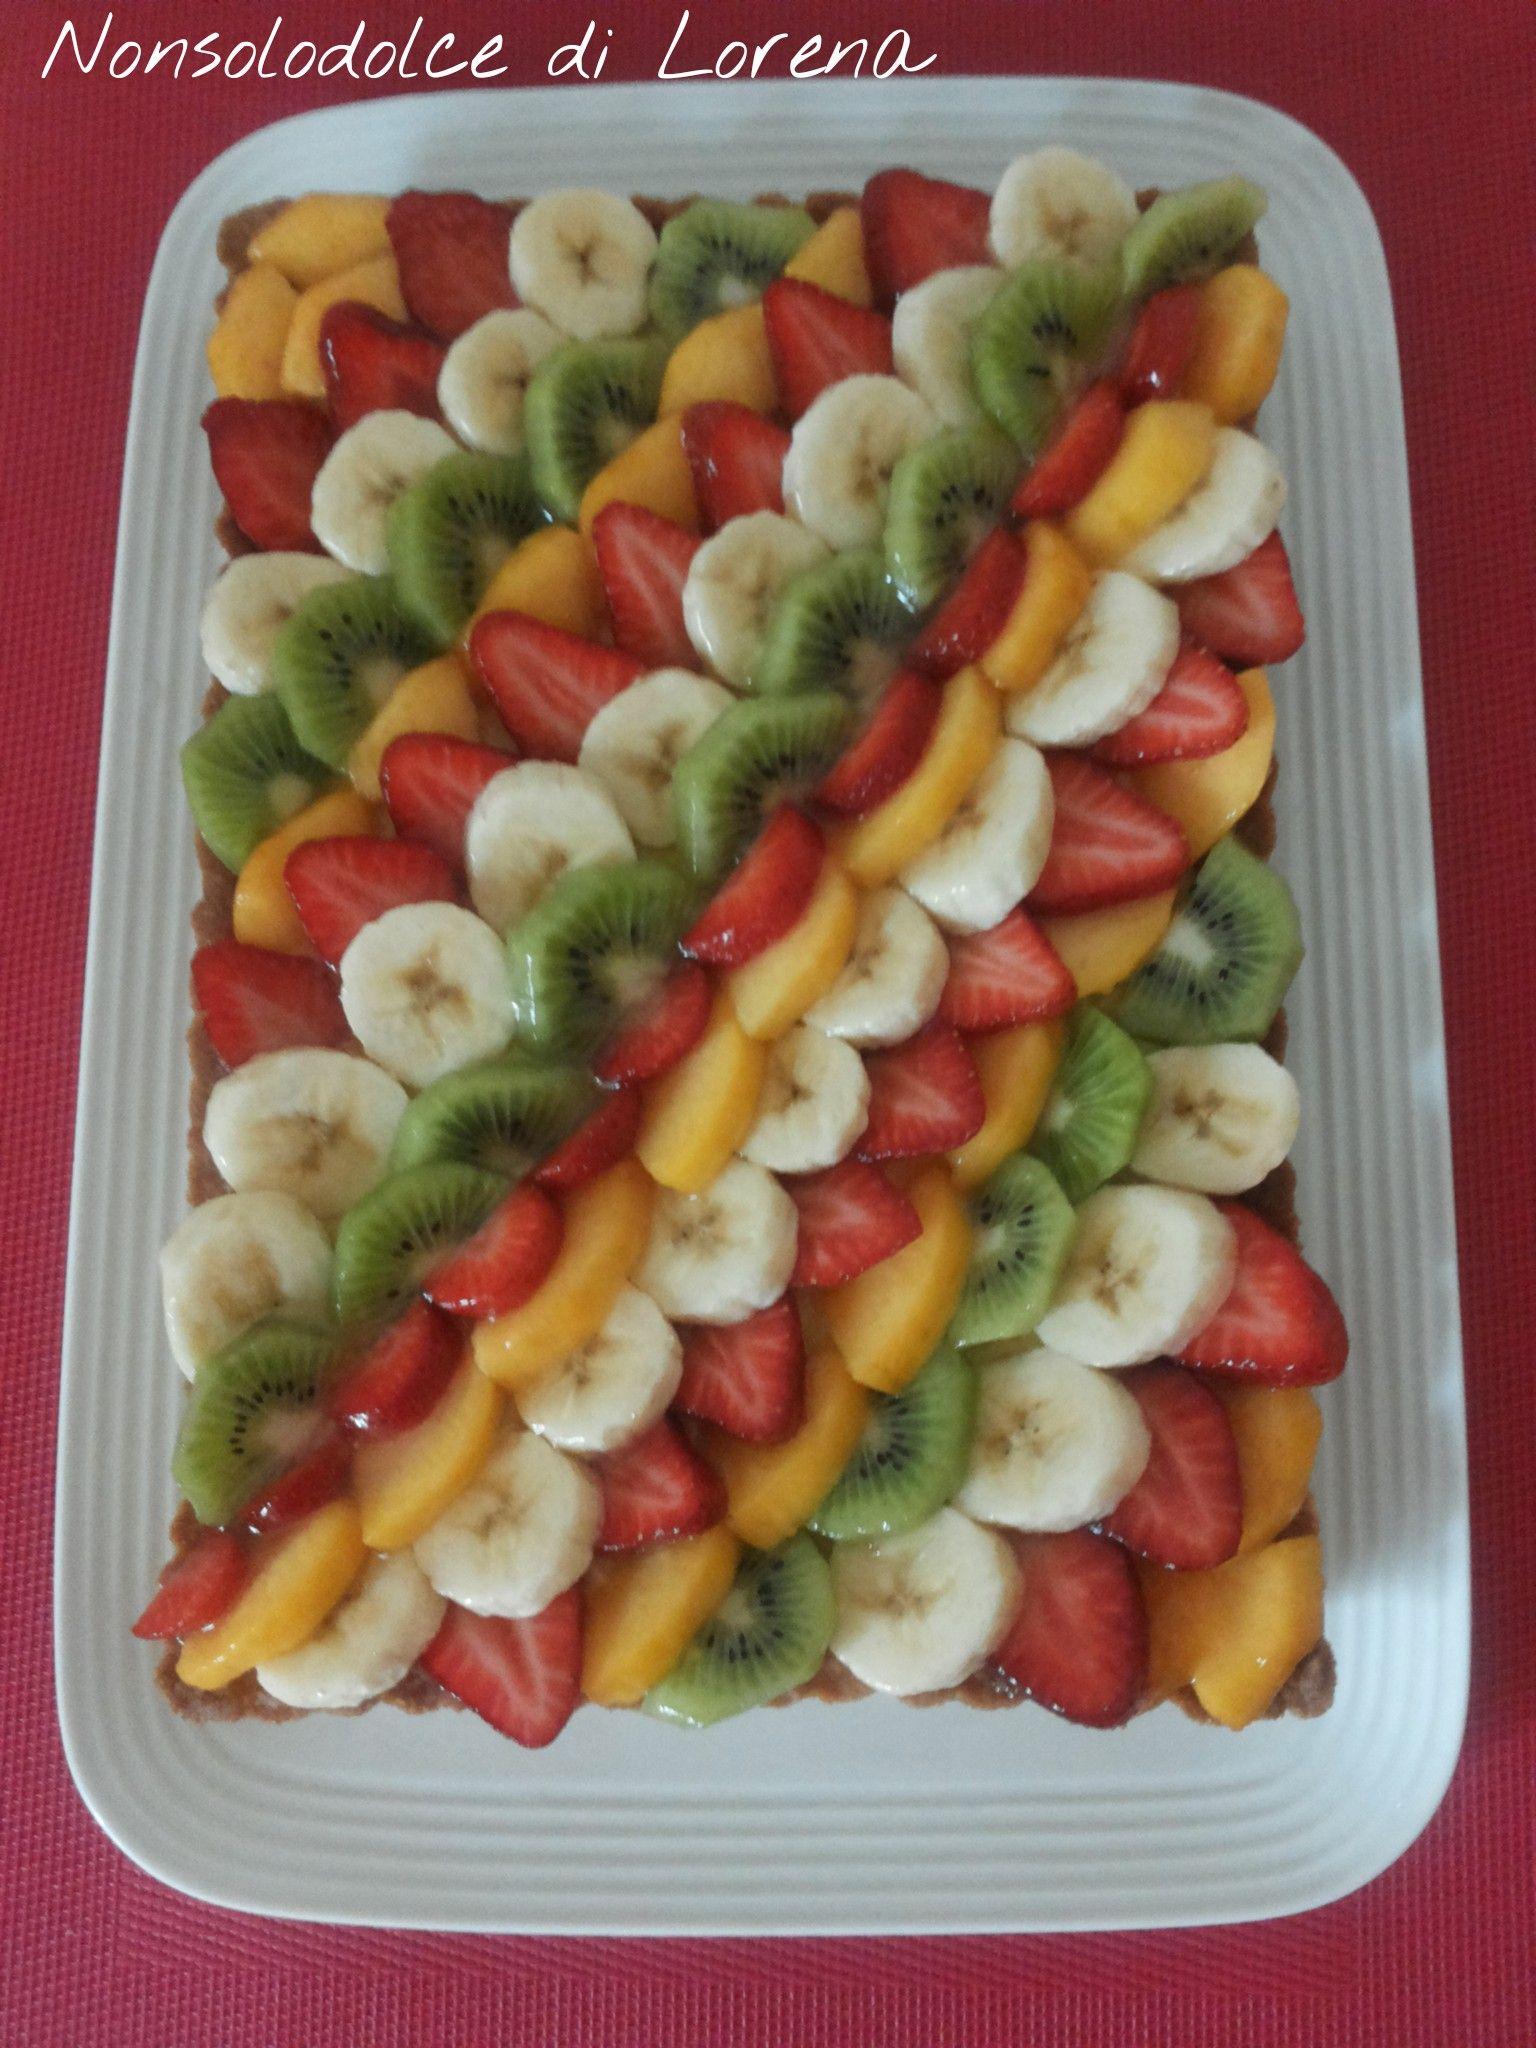 Crostata Con Frutta Fresca E Crema Frutta Fresca Crema